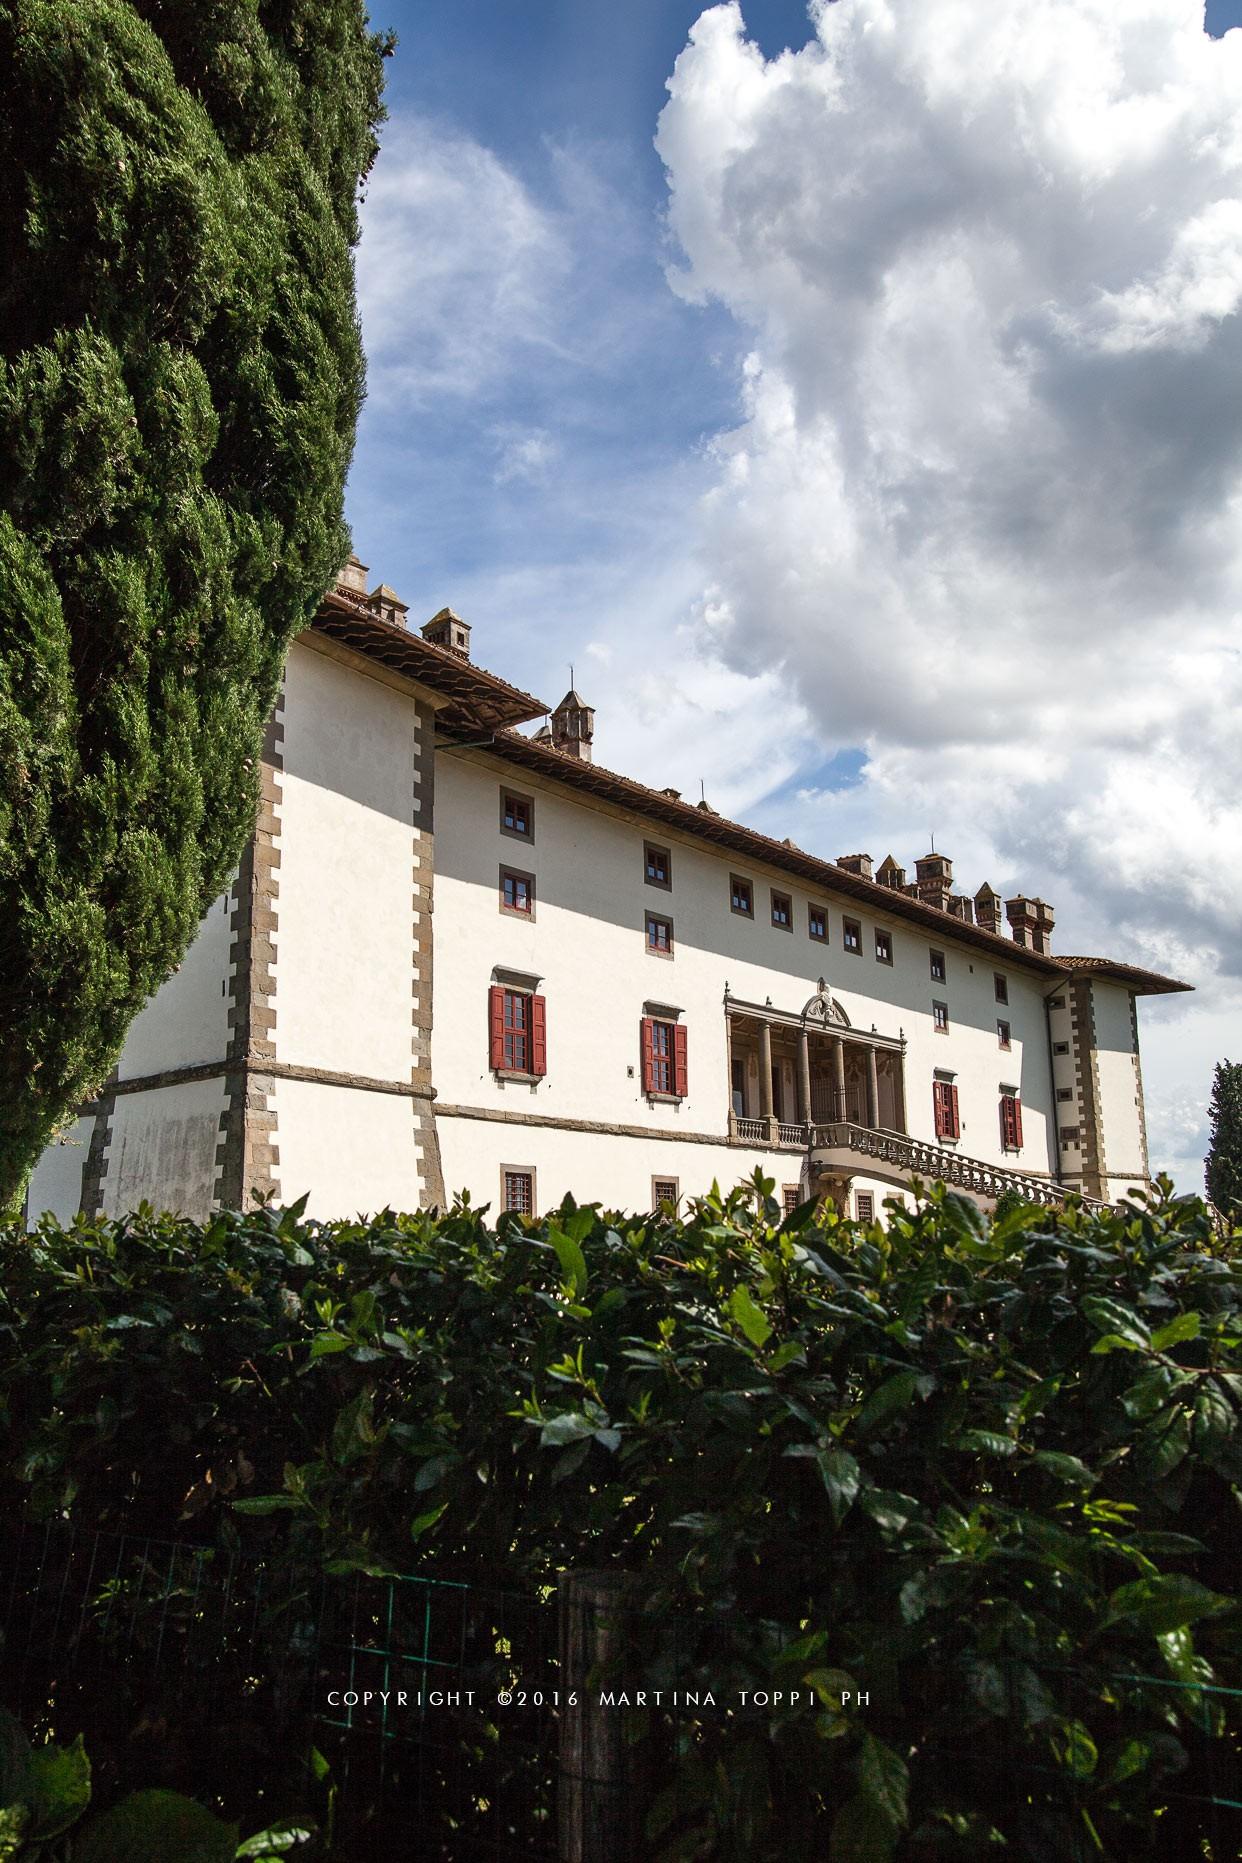 Villa medicea di Artimino